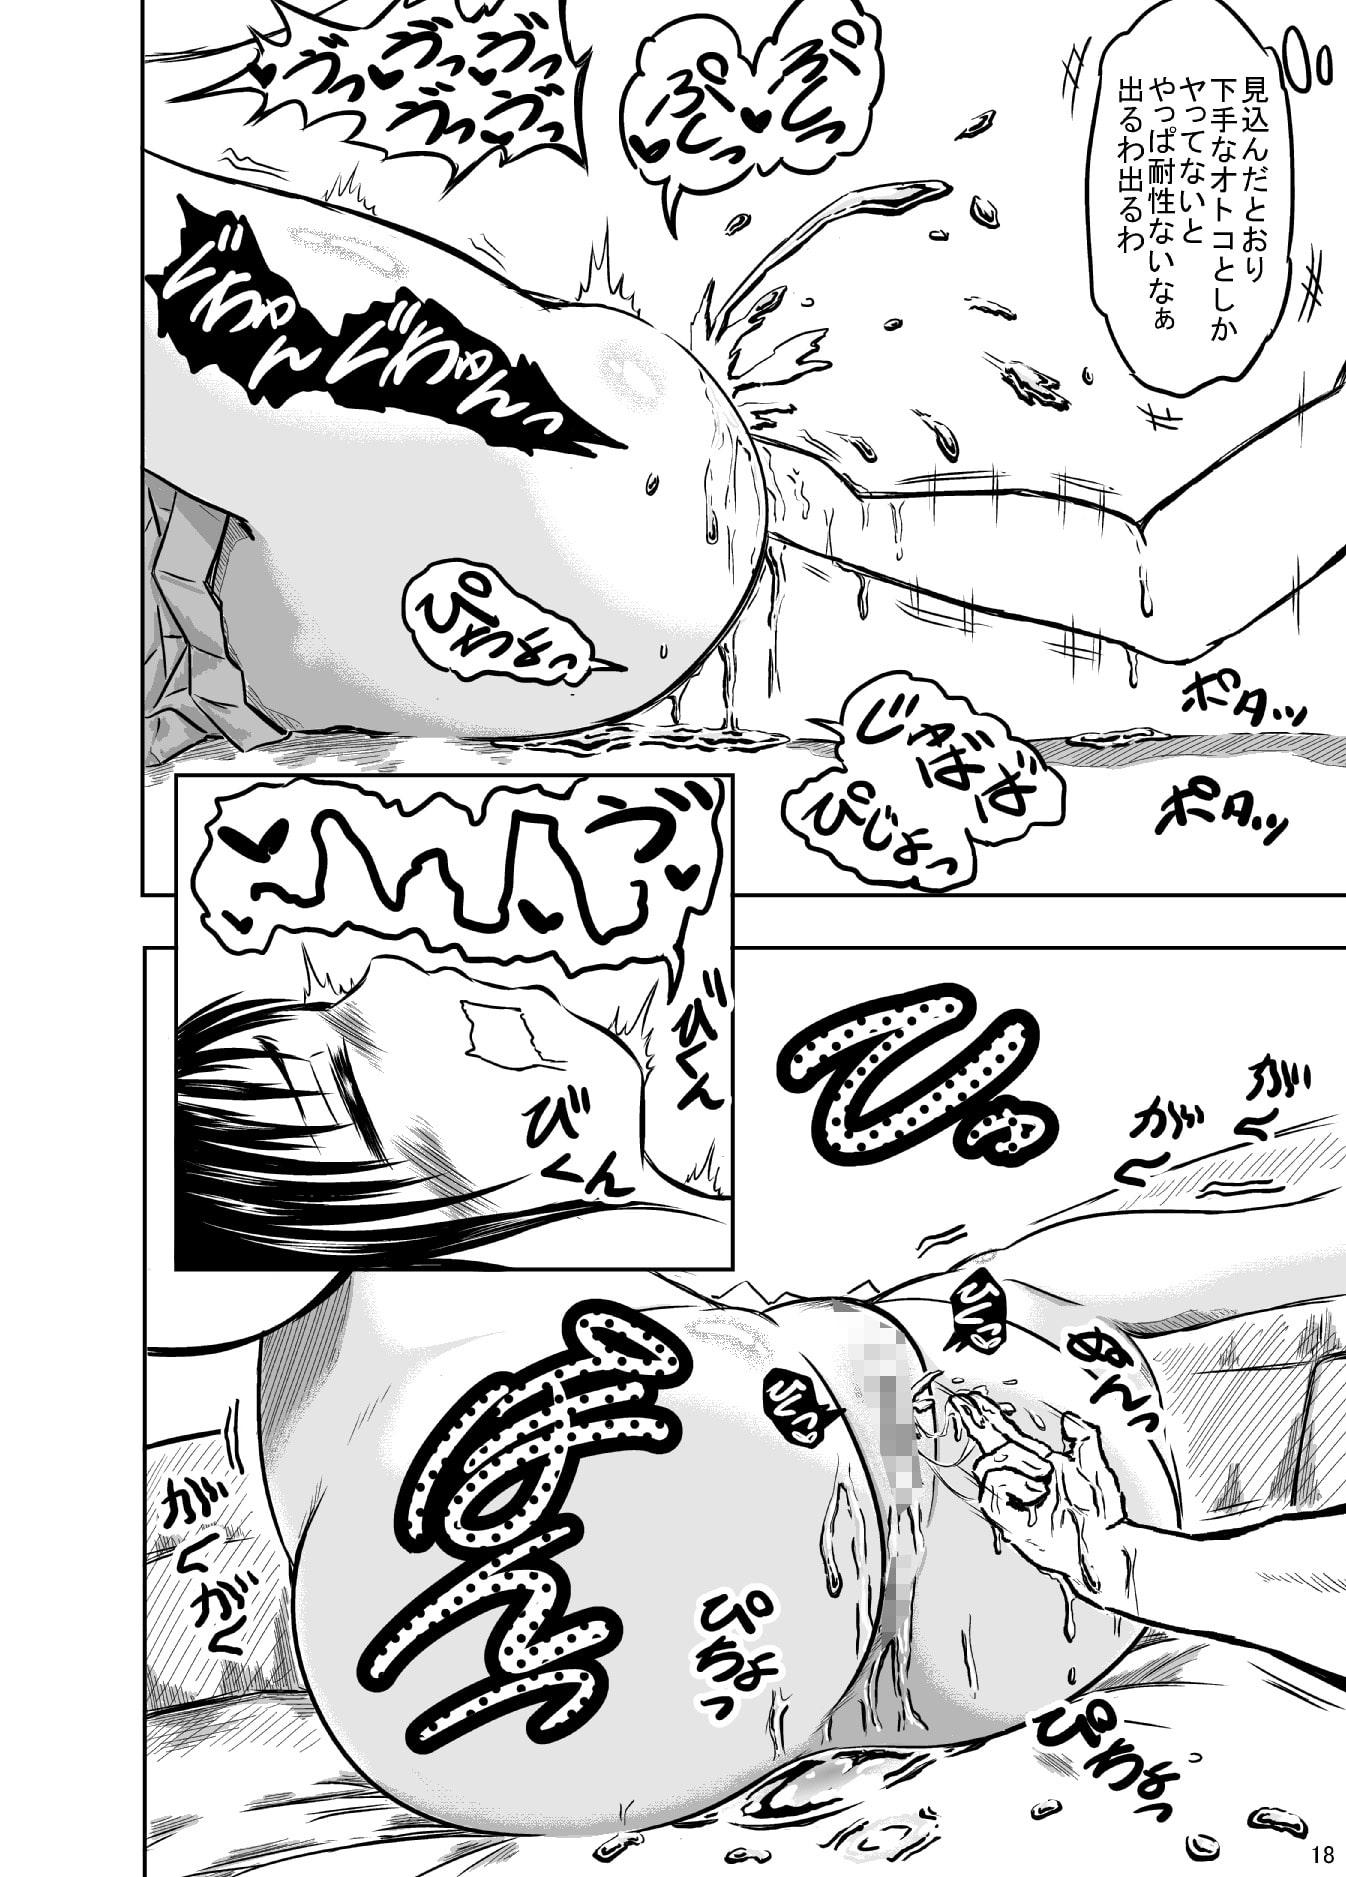 仲尾先生の秘密の生徒名簿ファイル01 初カレとのえっちに悩む1年生間仁衣里ちゃん